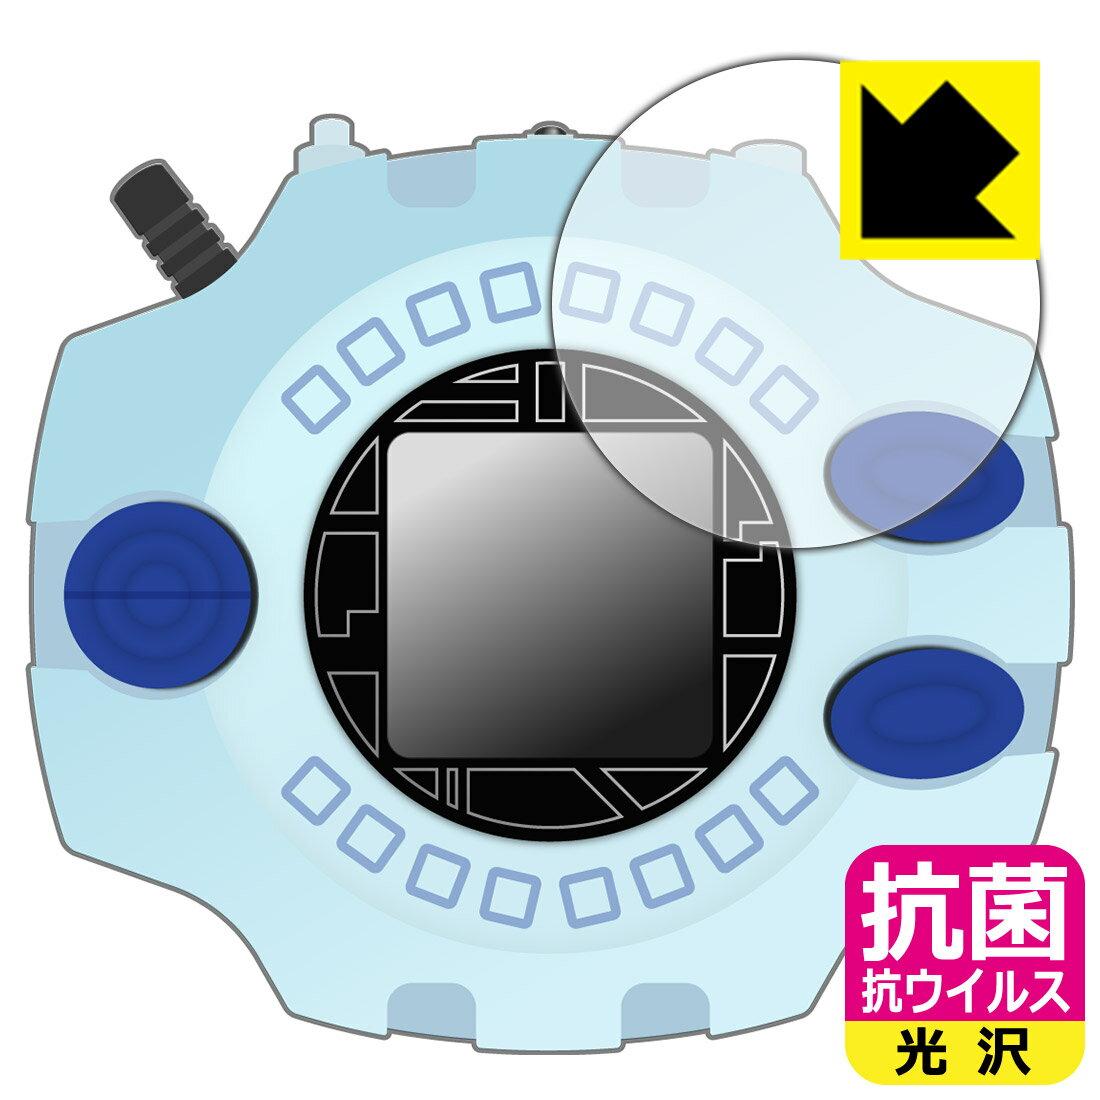 電子玩具・キッズ家電, その他  Ver.Complete Ver.15th RCPsmtb-kd